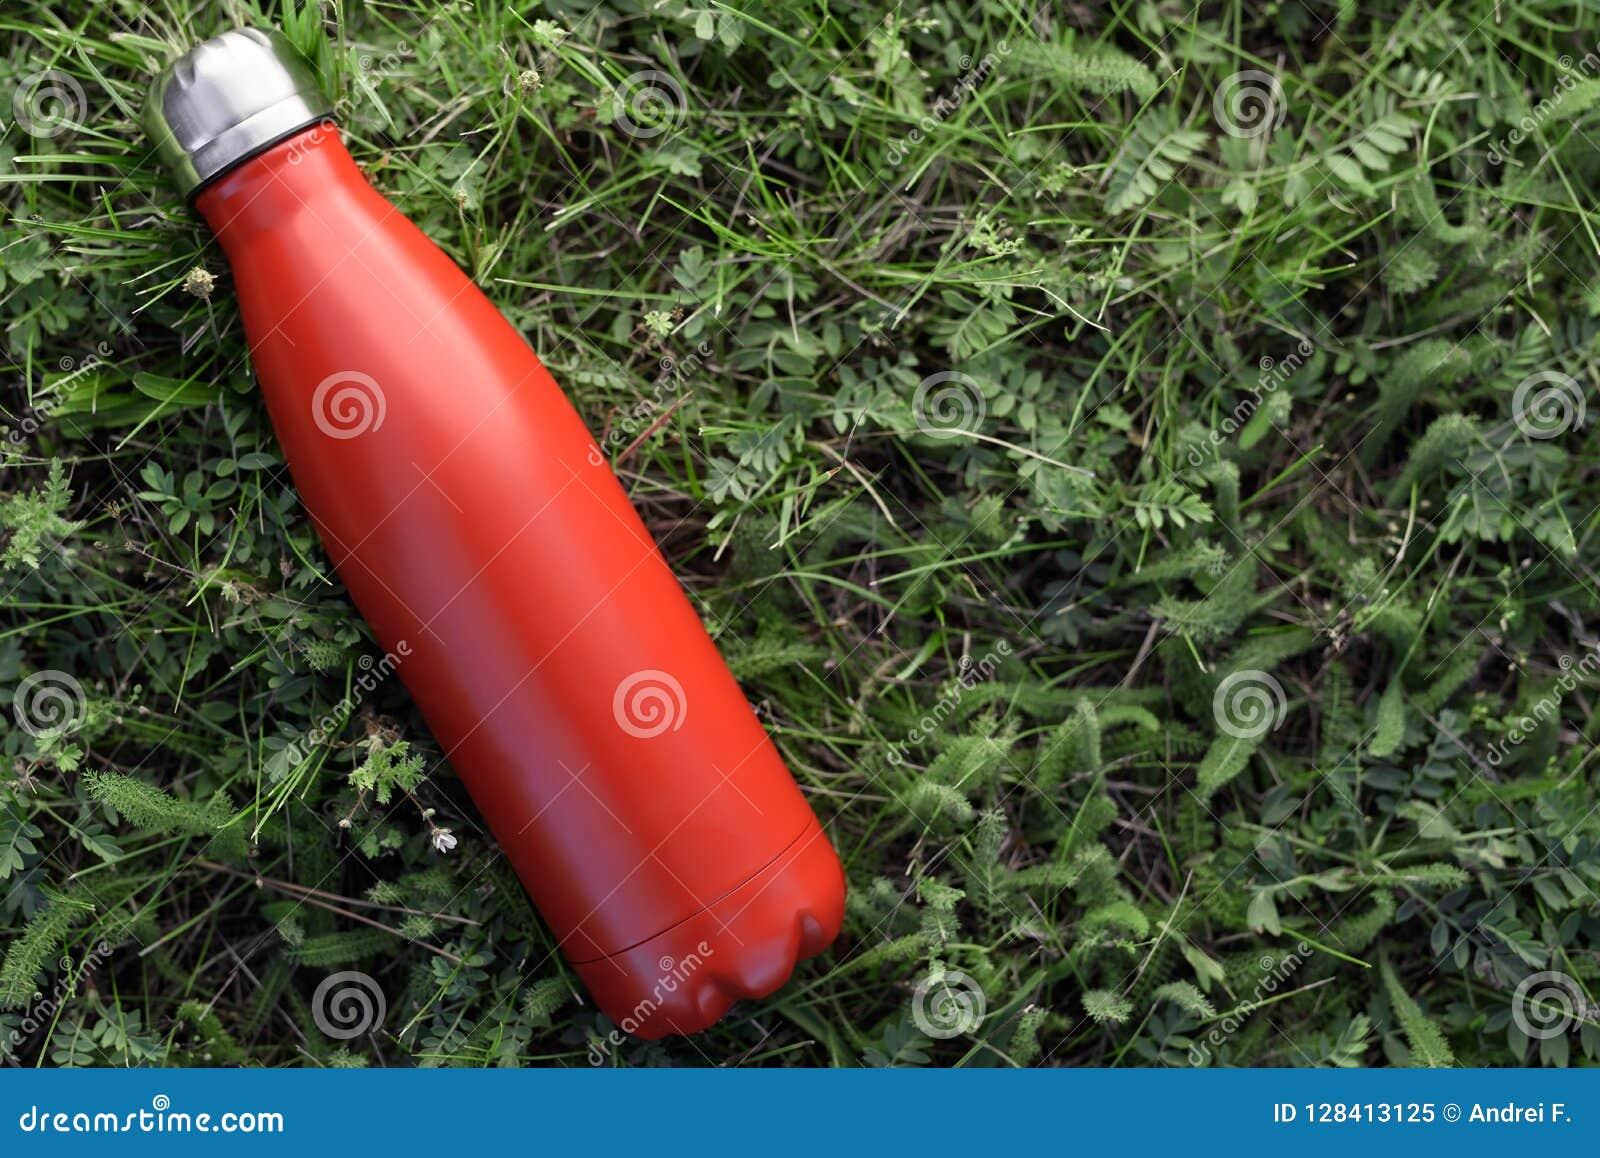 Rostfri flasktermos, röd färg På bakgrunden för grönt gräs